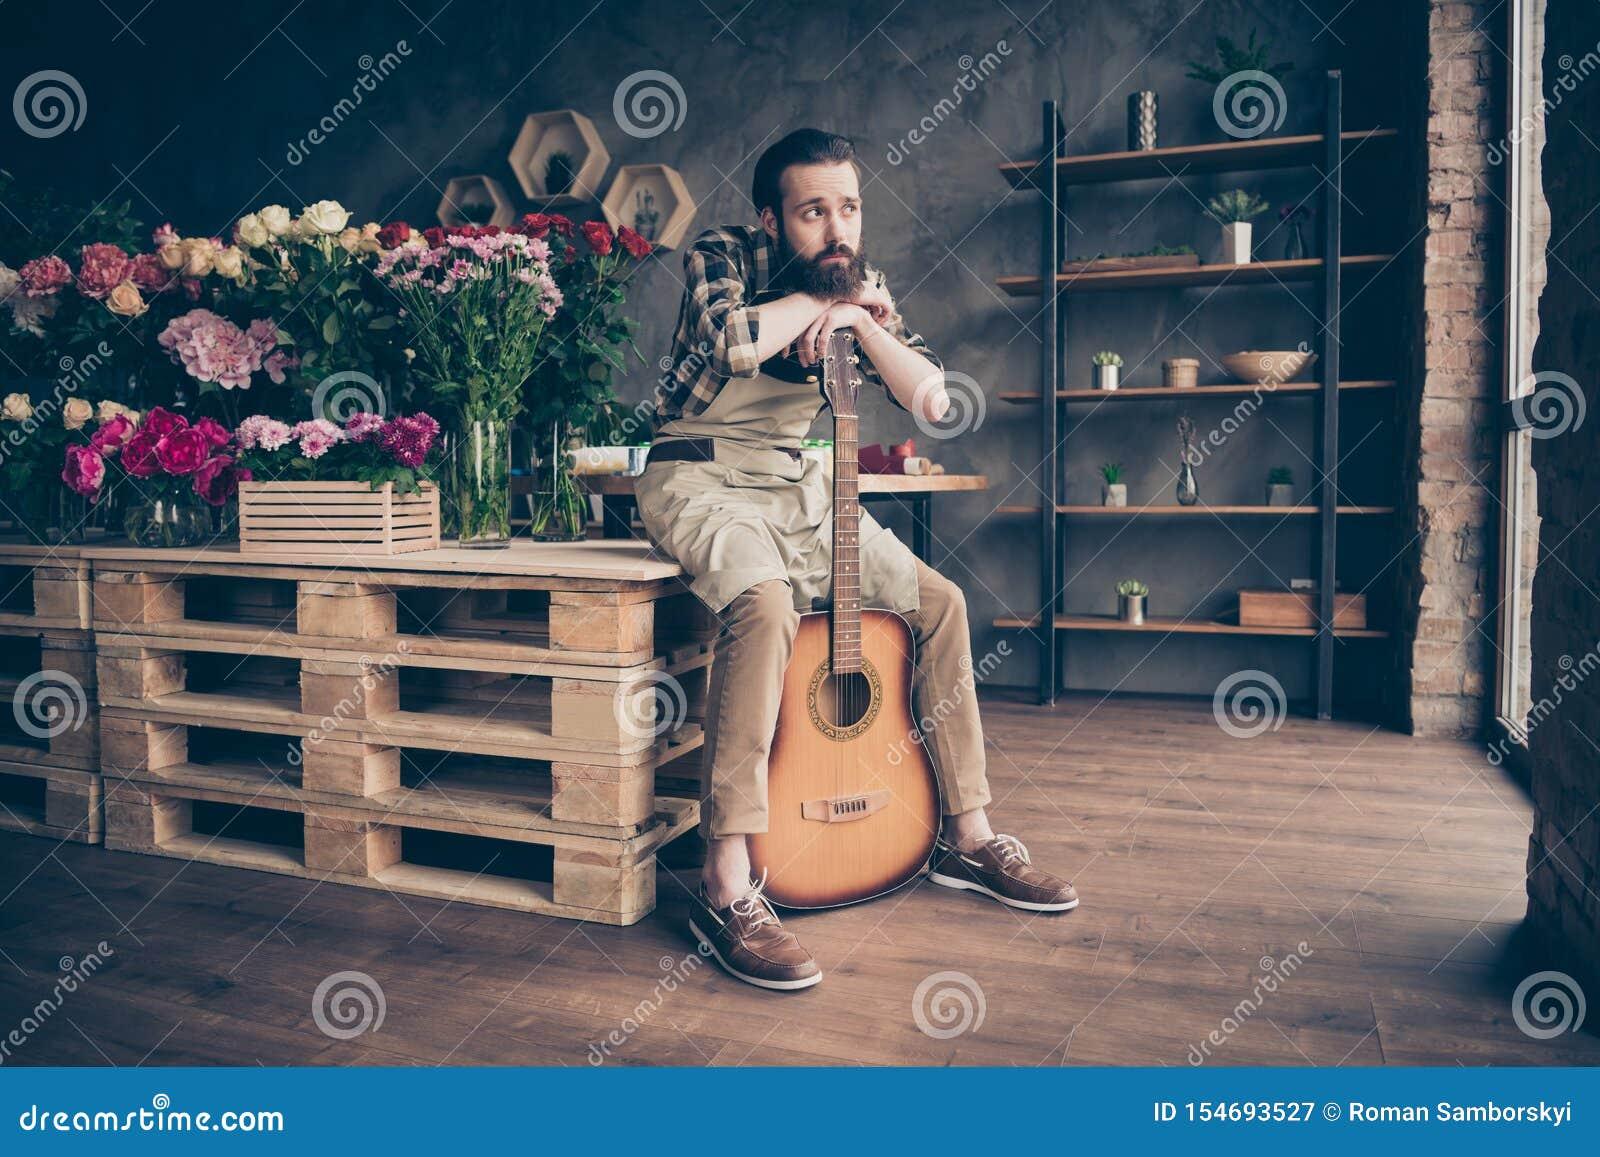 Stående av hans honom trevlig attraktiv ledsen dyster vresig fattig besviken grabbträdgårdsmästaremusiker på den moderna industri